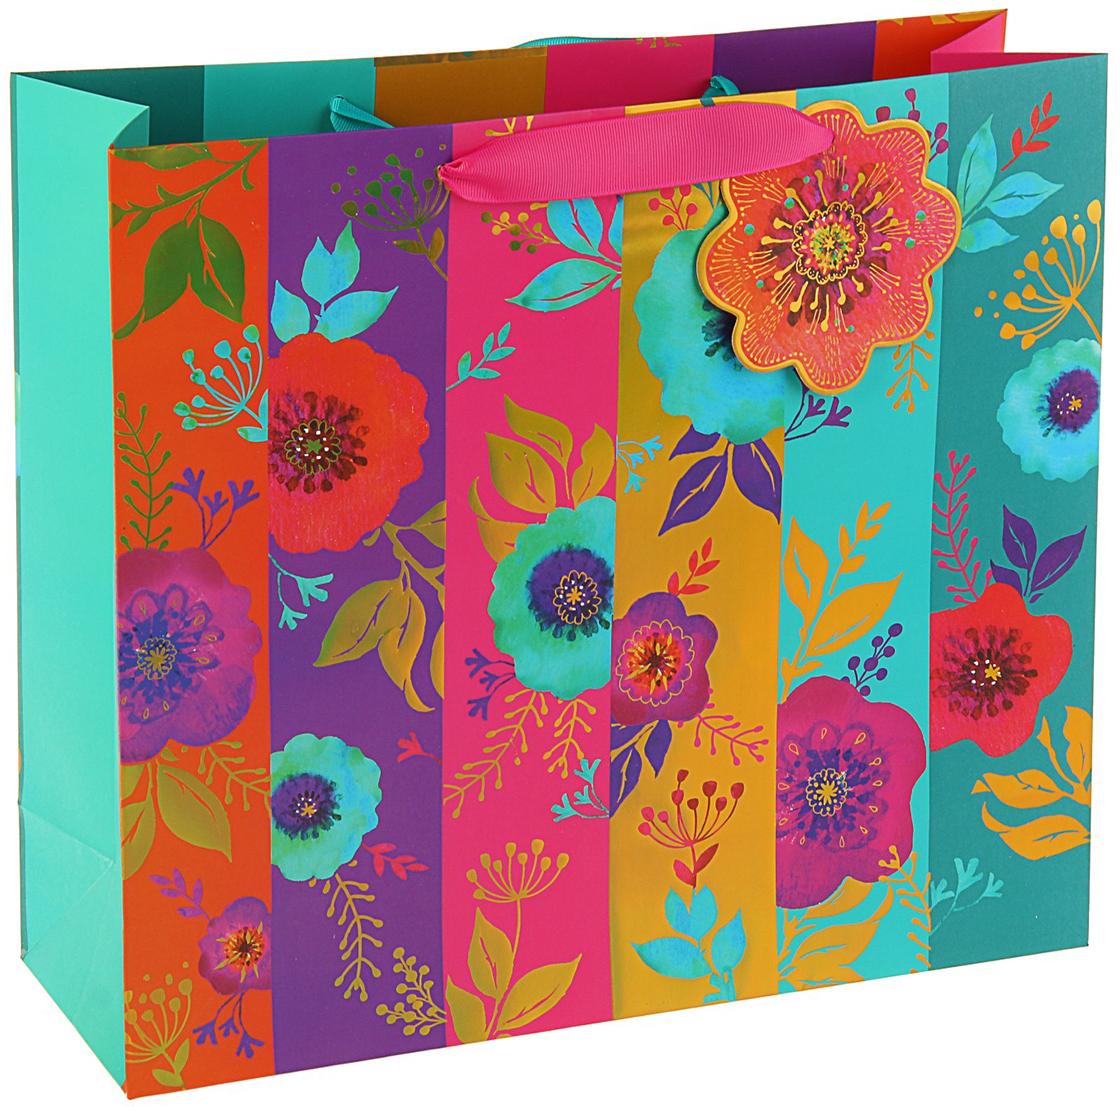 Пакет подарочный Арт и Дизайн Люкс. Гламурное лето, цвет: мультиколор, 32 х 36 х 12 см. 3092252 пакет подарочный арт и дизайн вояж цвет мультиколор 36 х 26 х 11 5 см 3092217